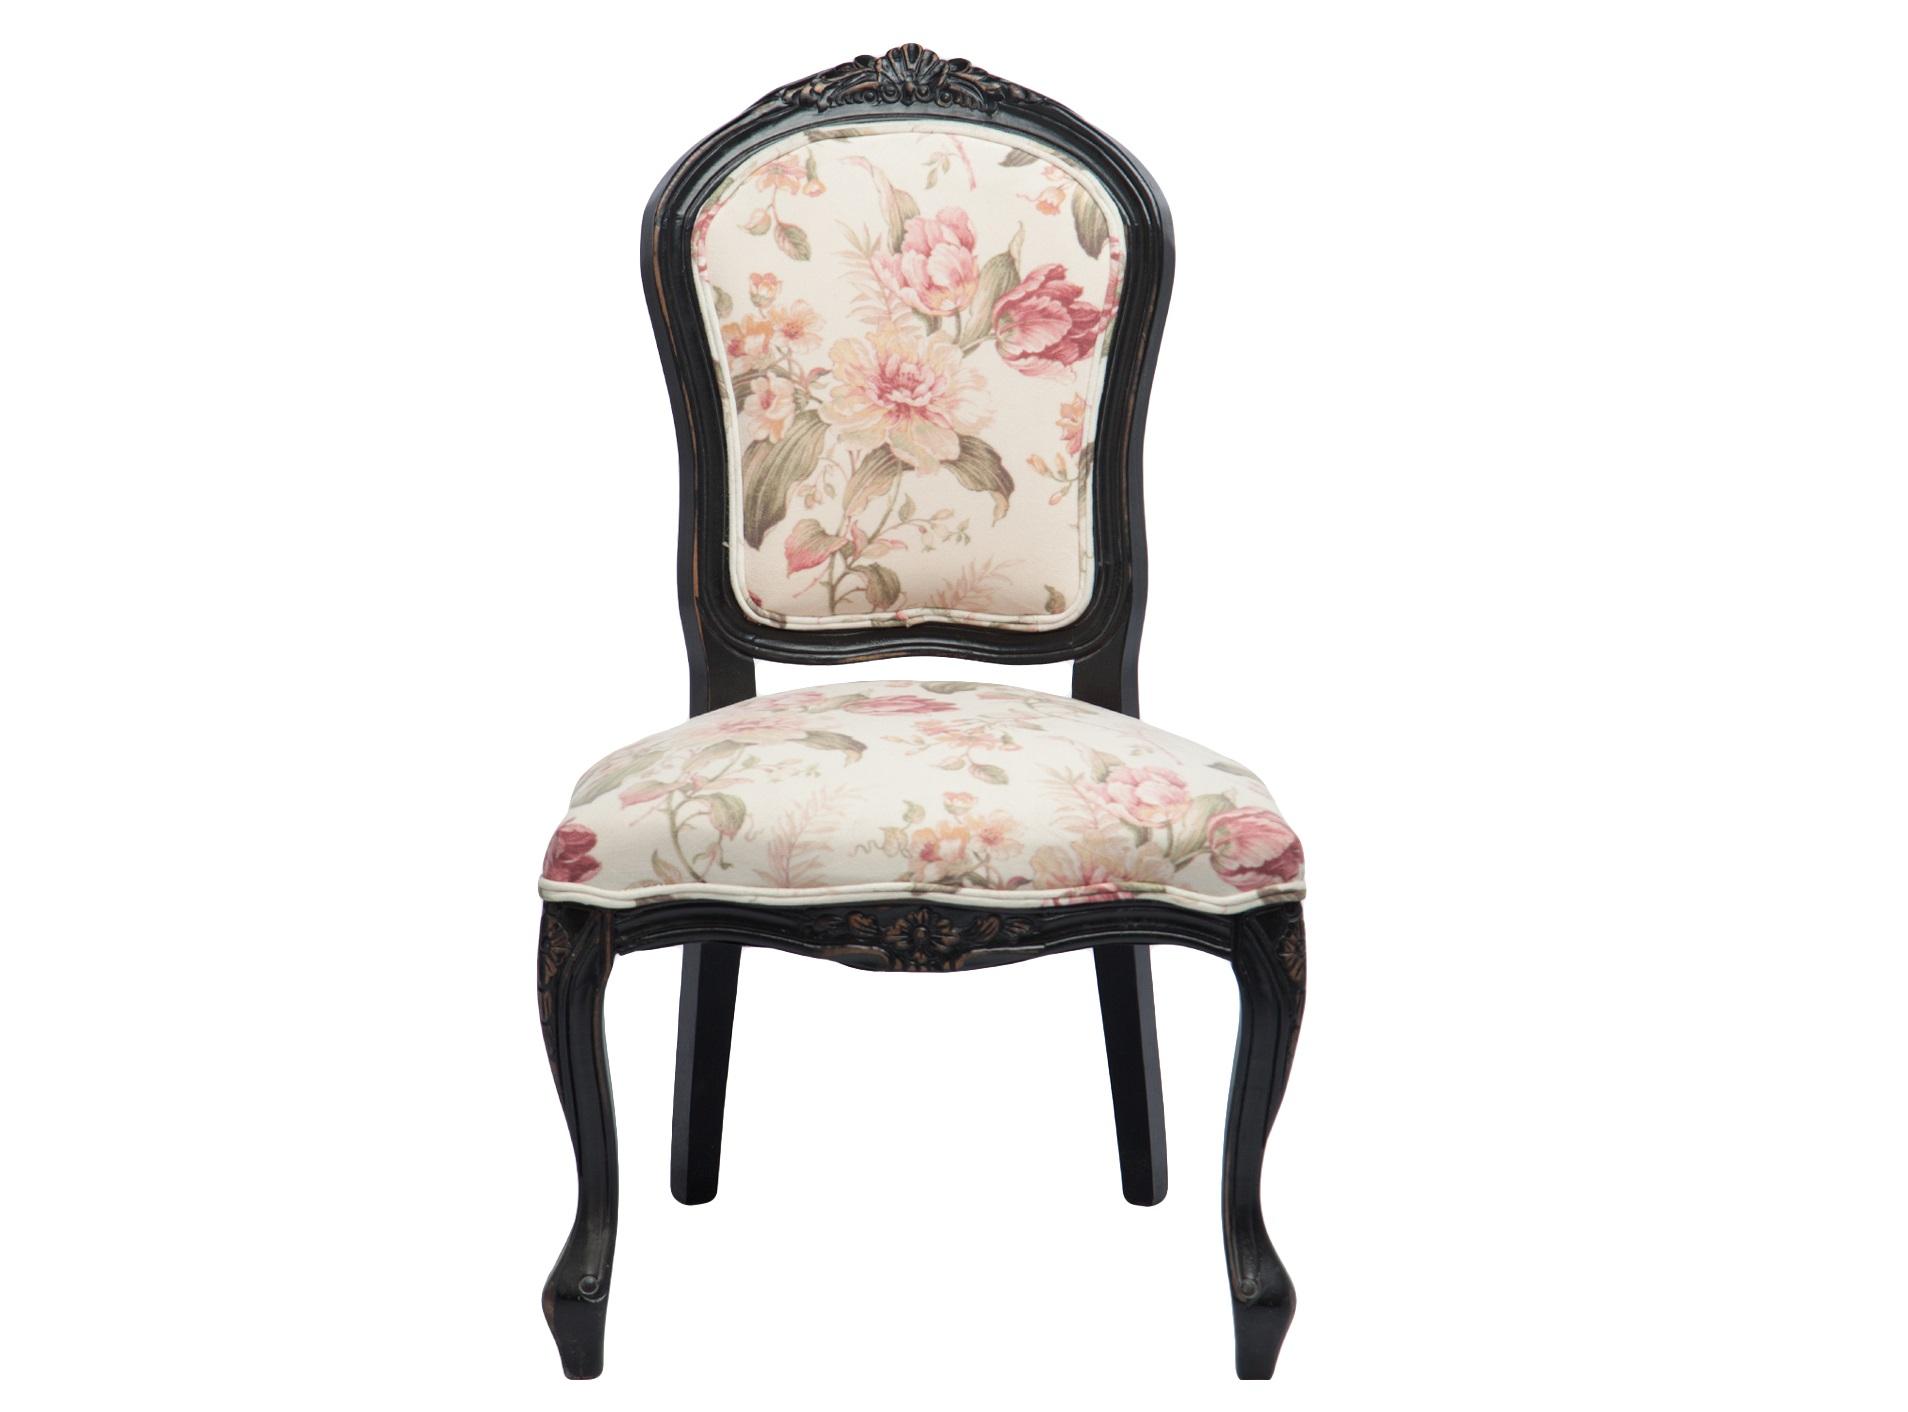 СтулОбеденные стулья<br>Стул из дерева с мягкой спинкой, обивка с цветочным рисунком.<br><br>Material: Дерево<br>Width см: 62<br>Depth см: 64<br>Height см: 104